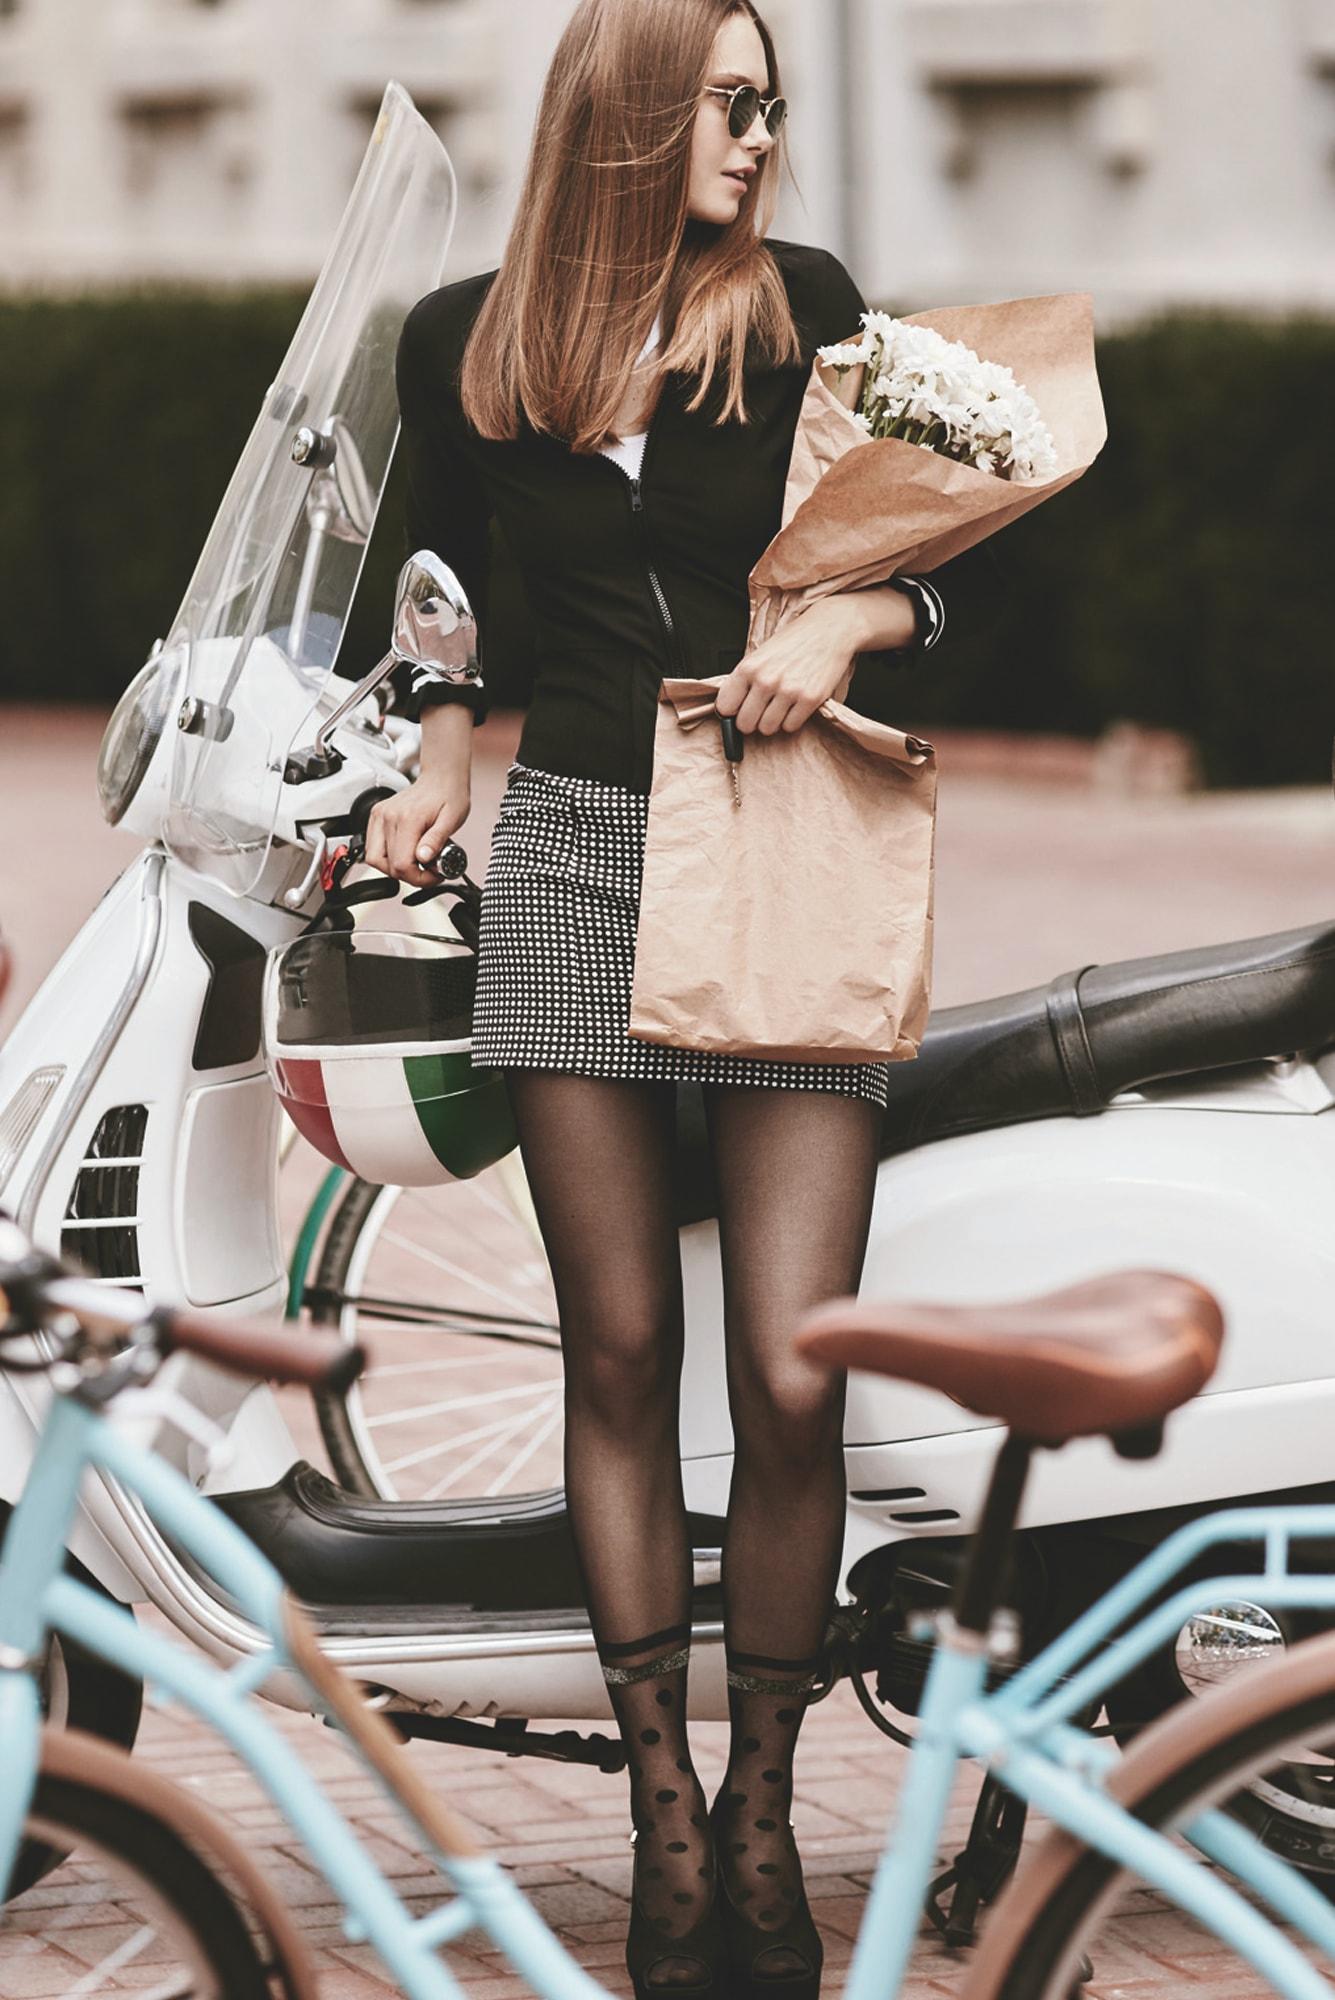 جوراب شلواری طرح دار زنانه پنتی مدل Spoty مشکی |